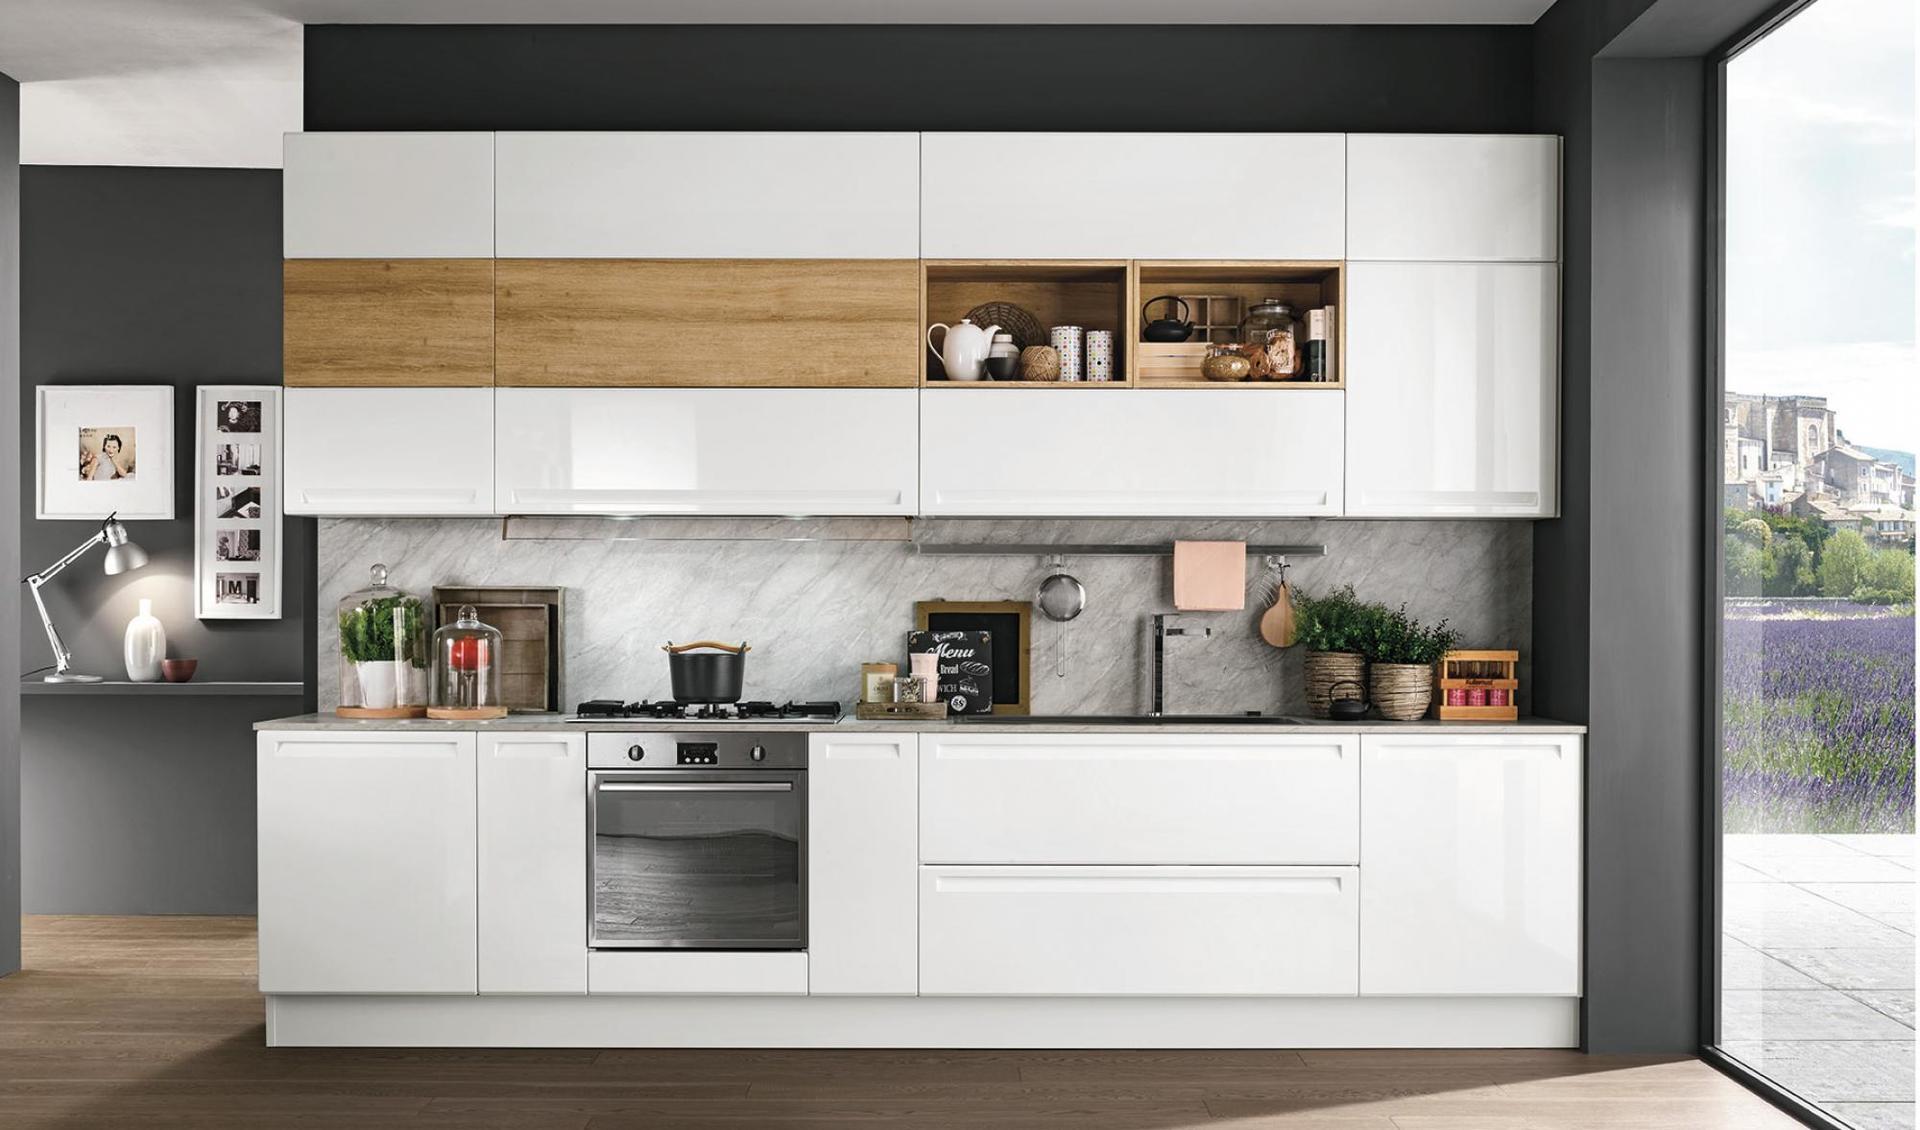 Cucine siderno rc sgotto mobili - Cucine colombini catalogo ...